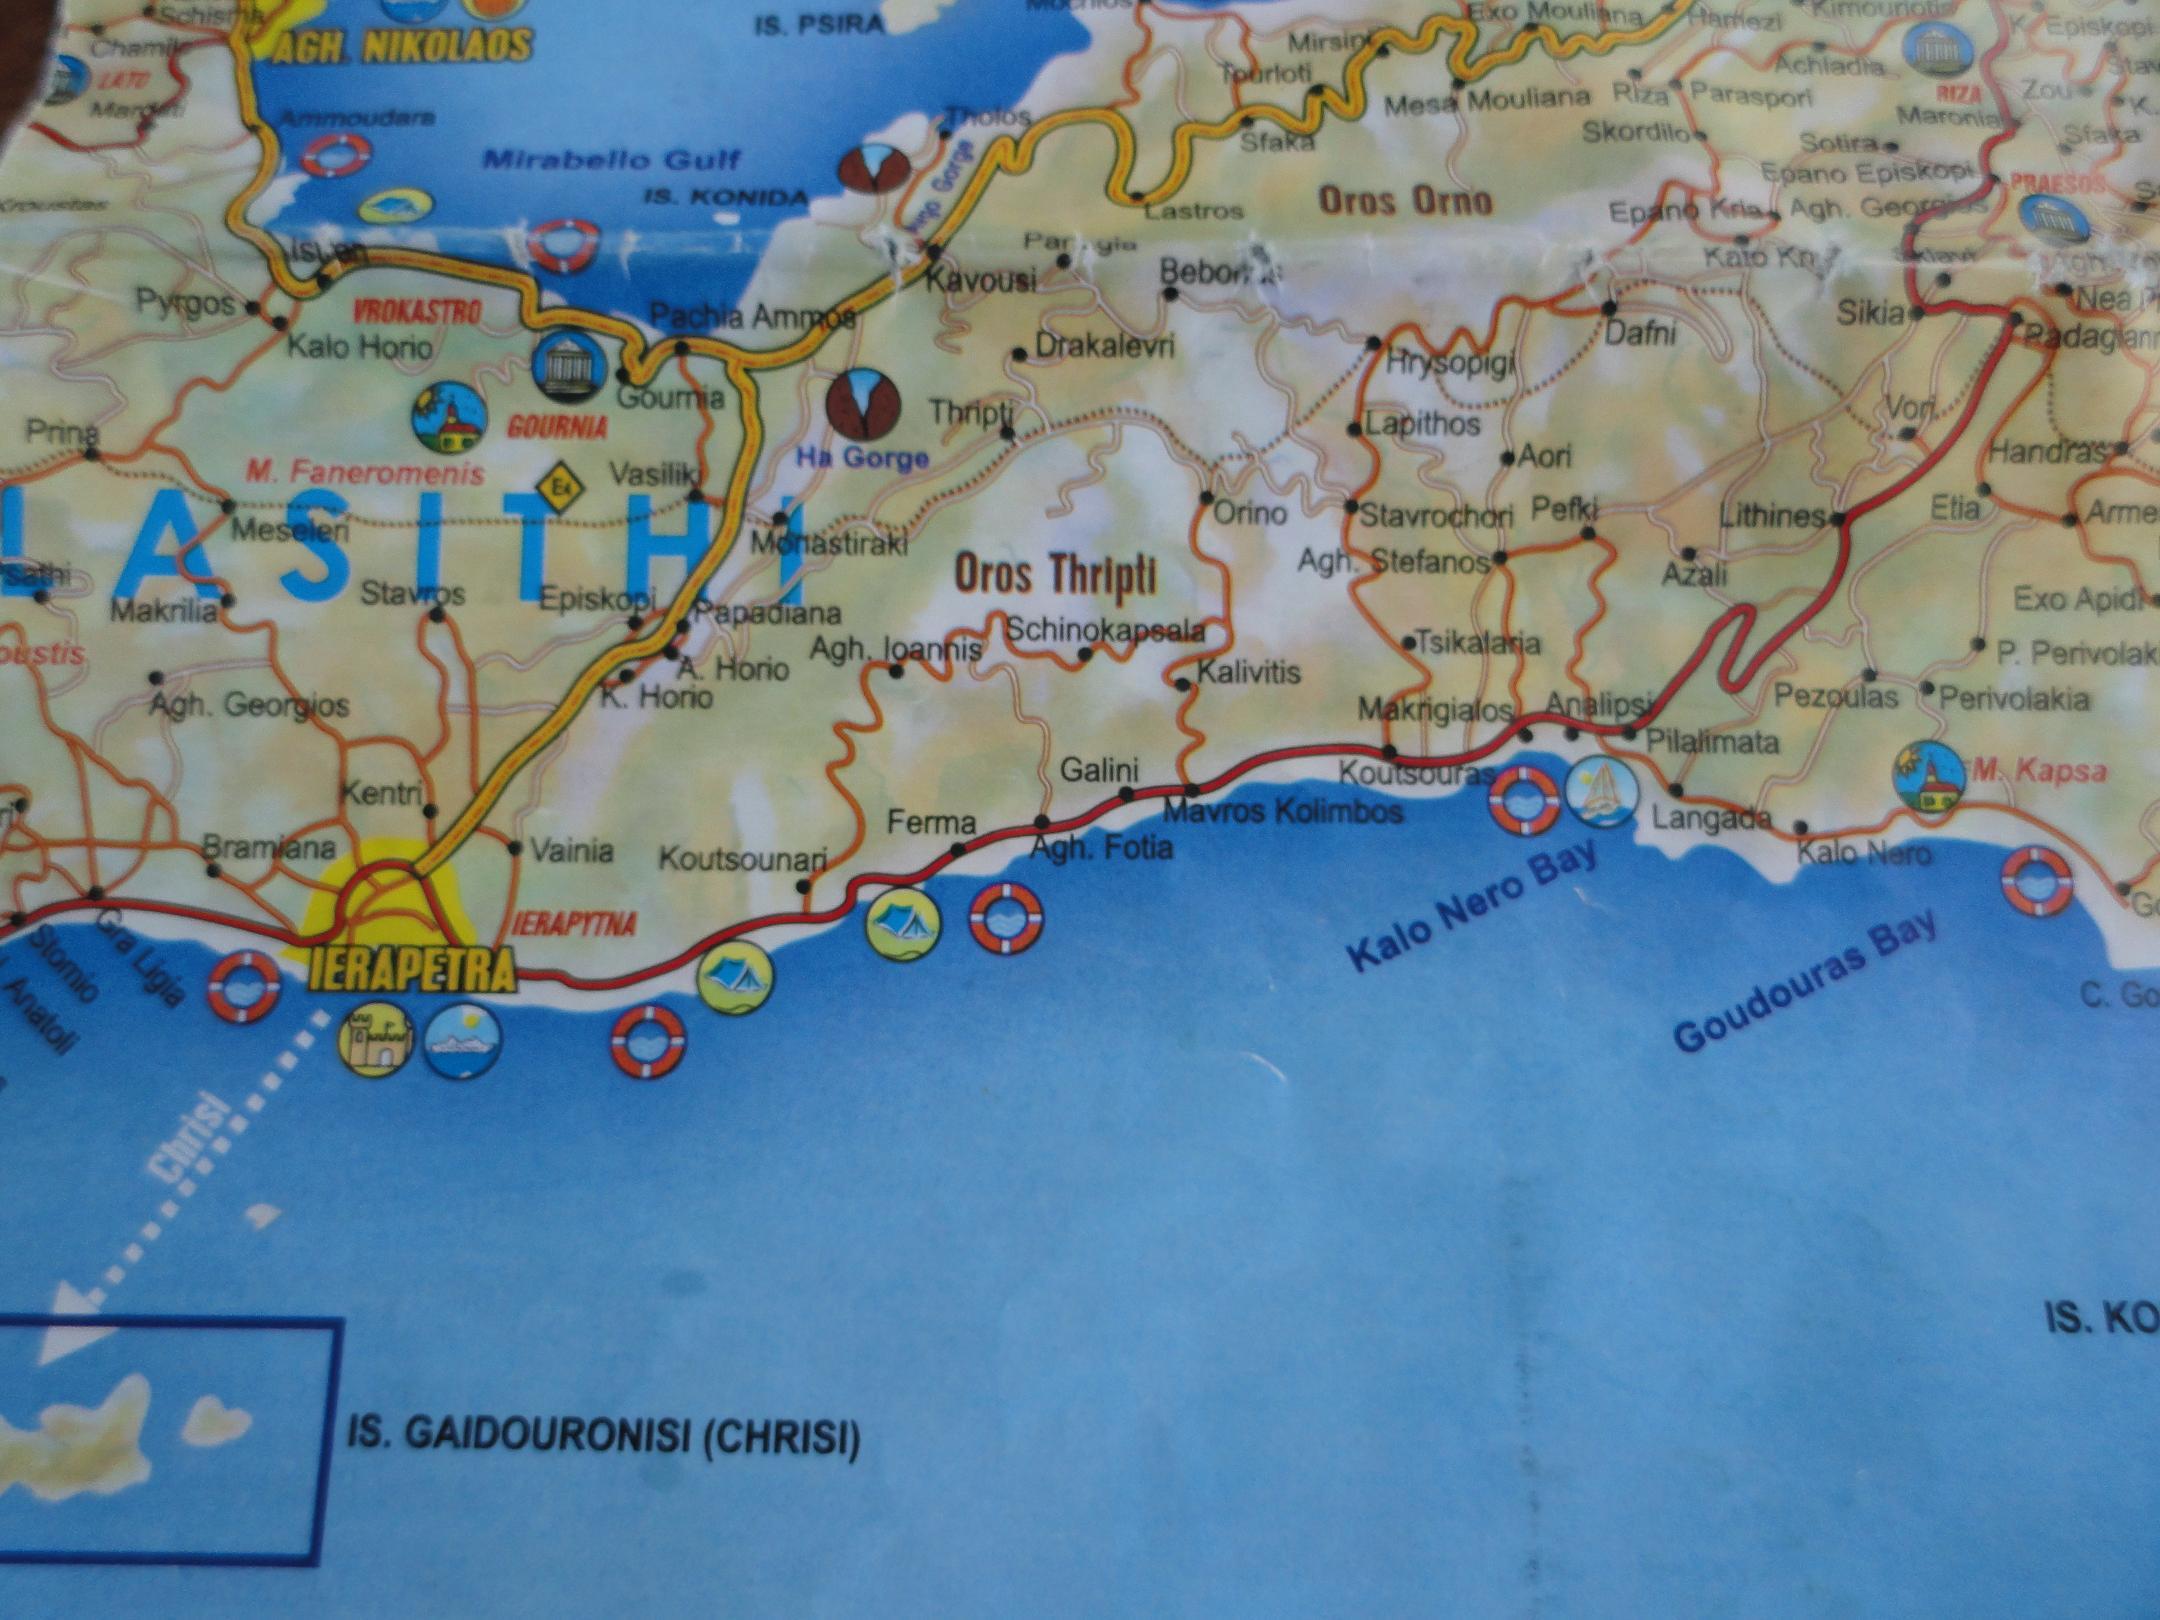 Maps of Crete